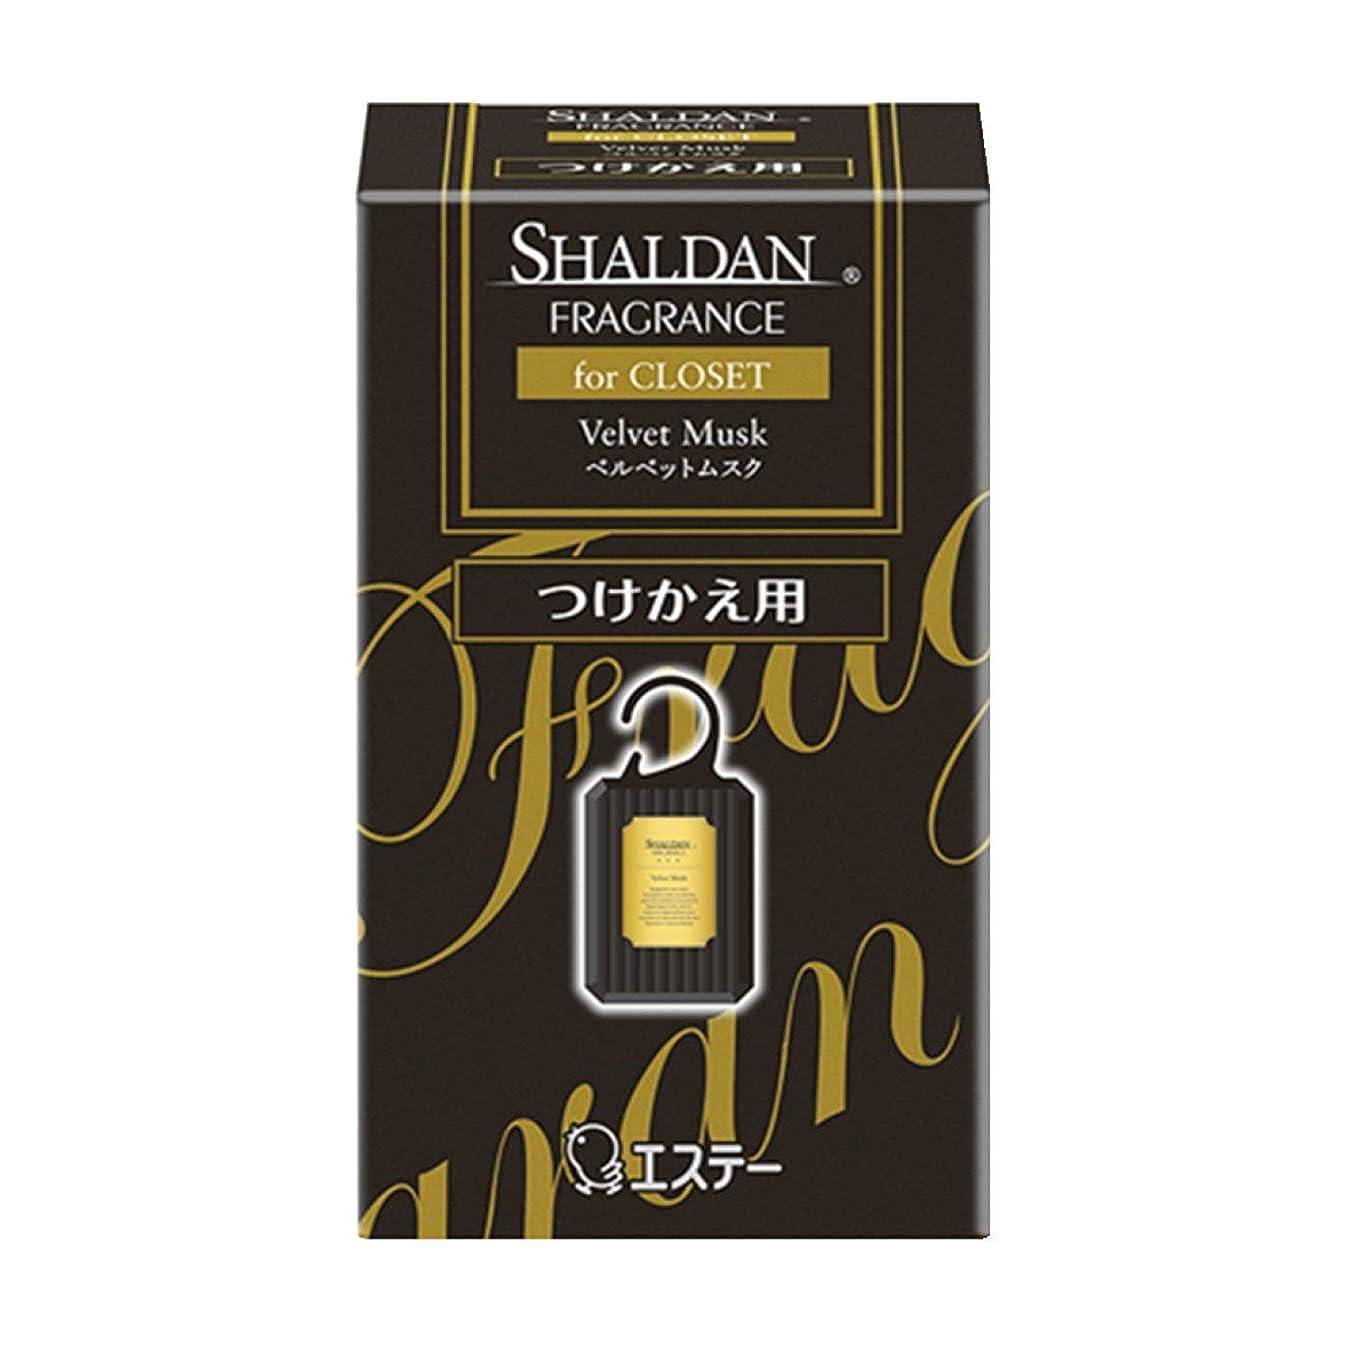 ひねりパースマインドシャルダン SHALDAN フレグランス for CLOSET 芳香剤 クローゼット用 つけかえ ベルベットムスク 30g